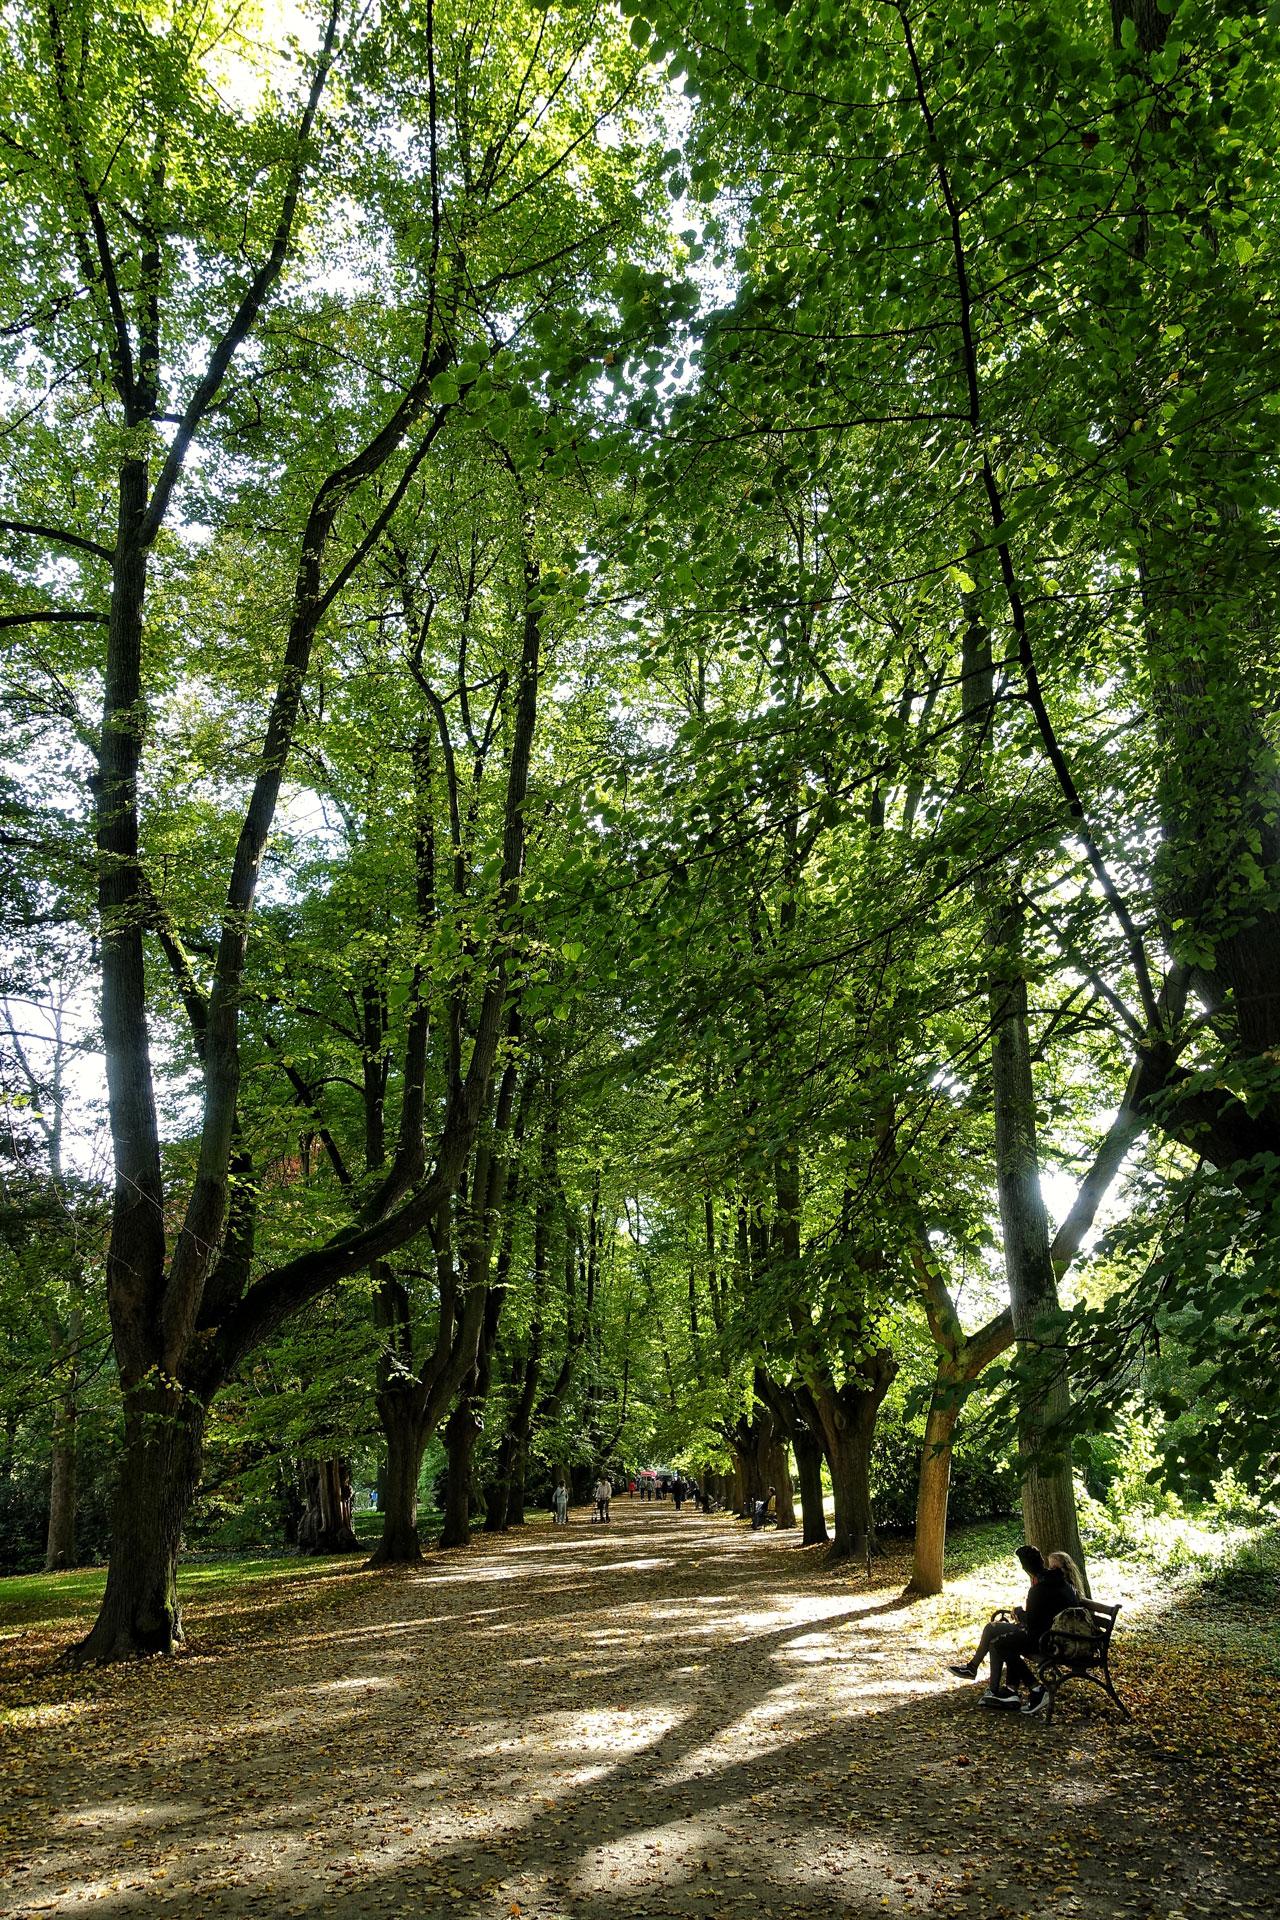 Rombergpark Park Dortmund